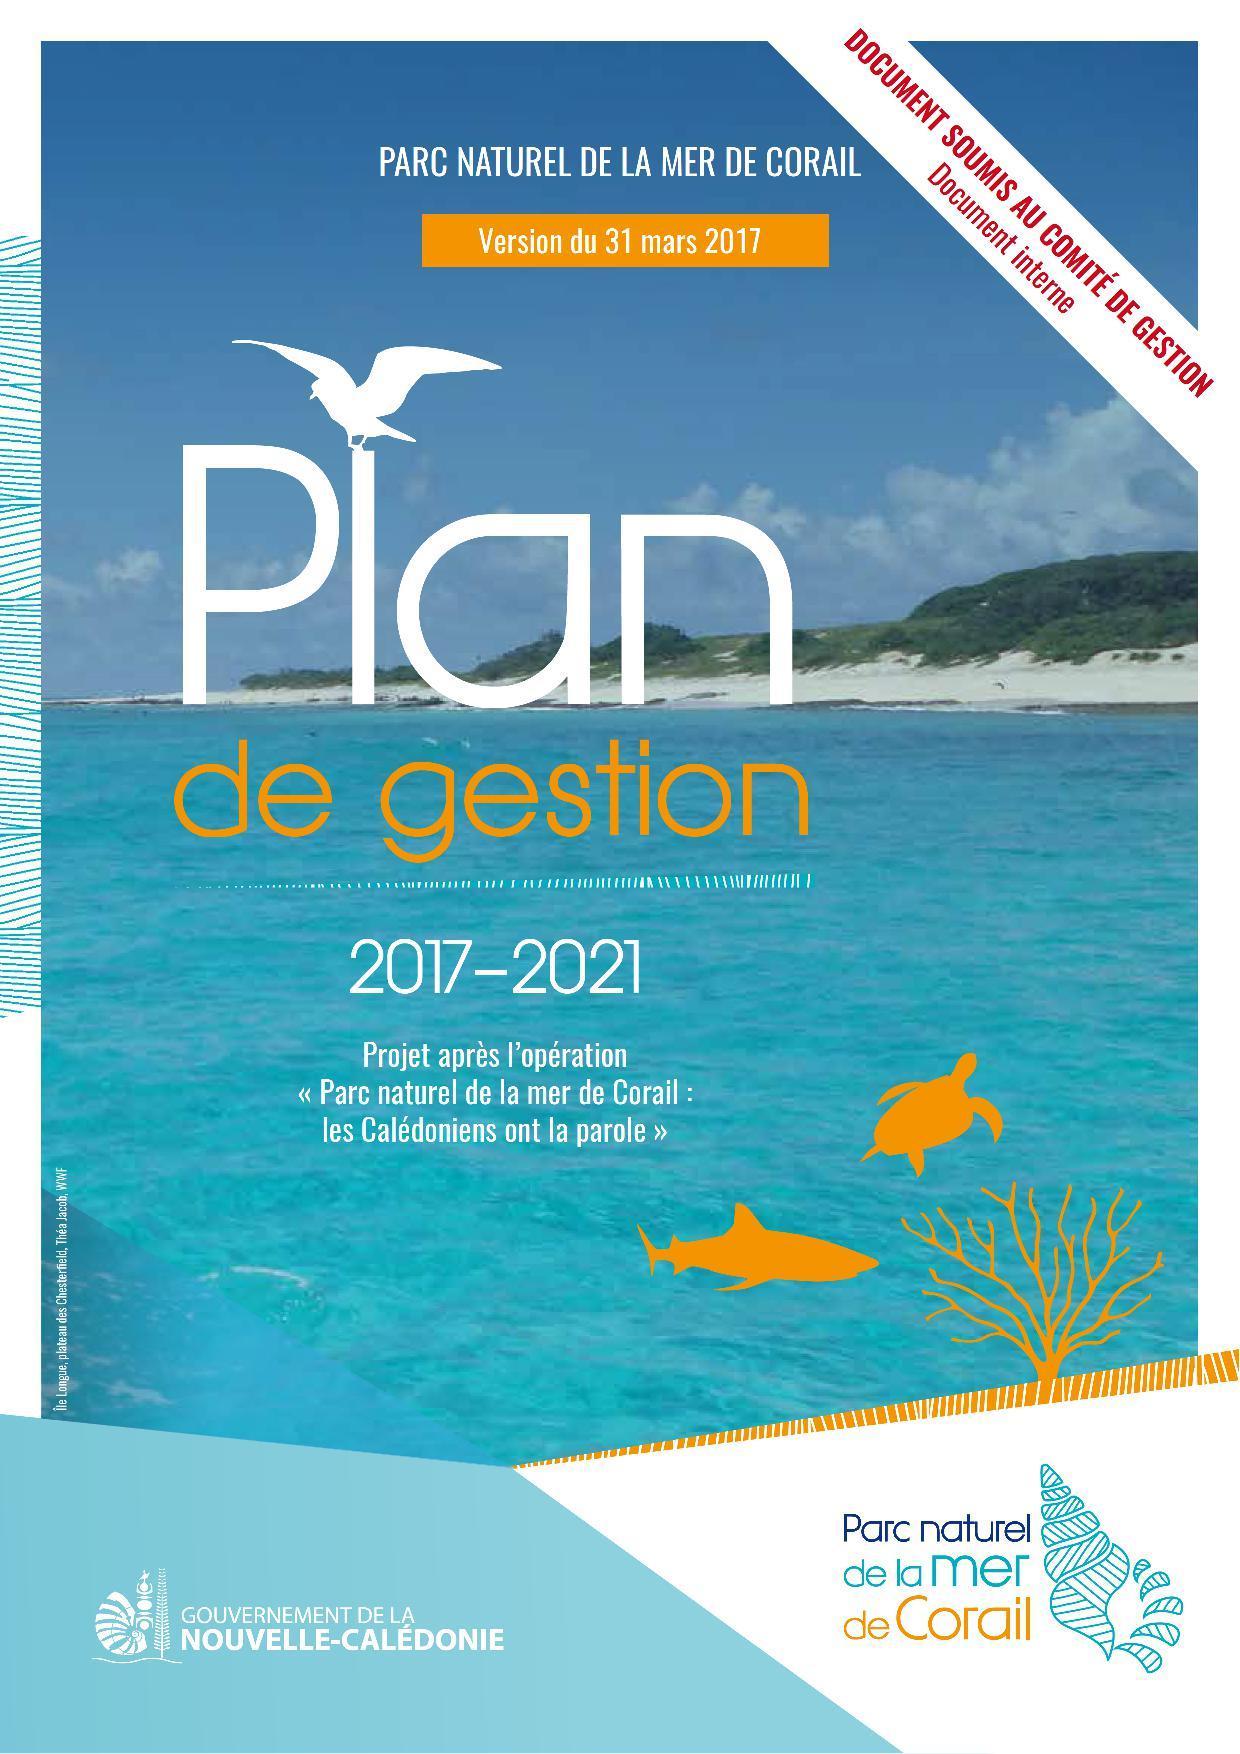 Plan de gestion version 31 mars 17